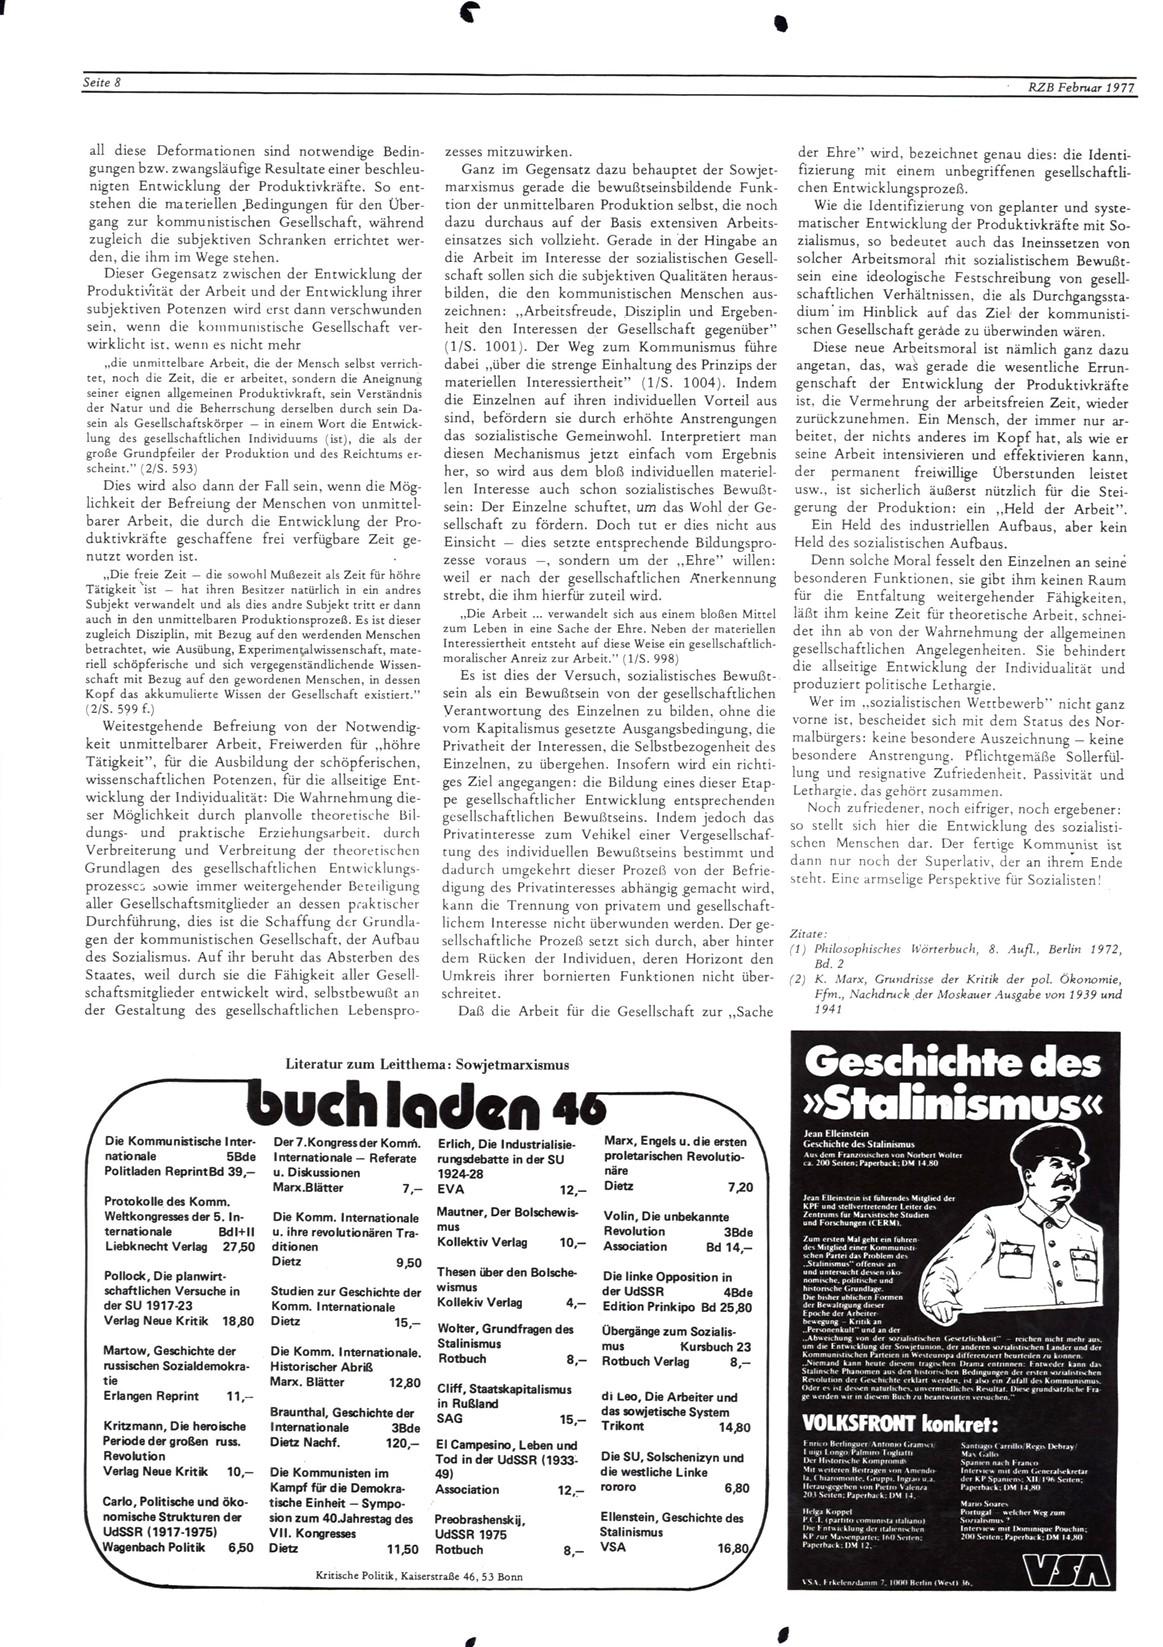 Bonn_RZ_07_08_19770200_08